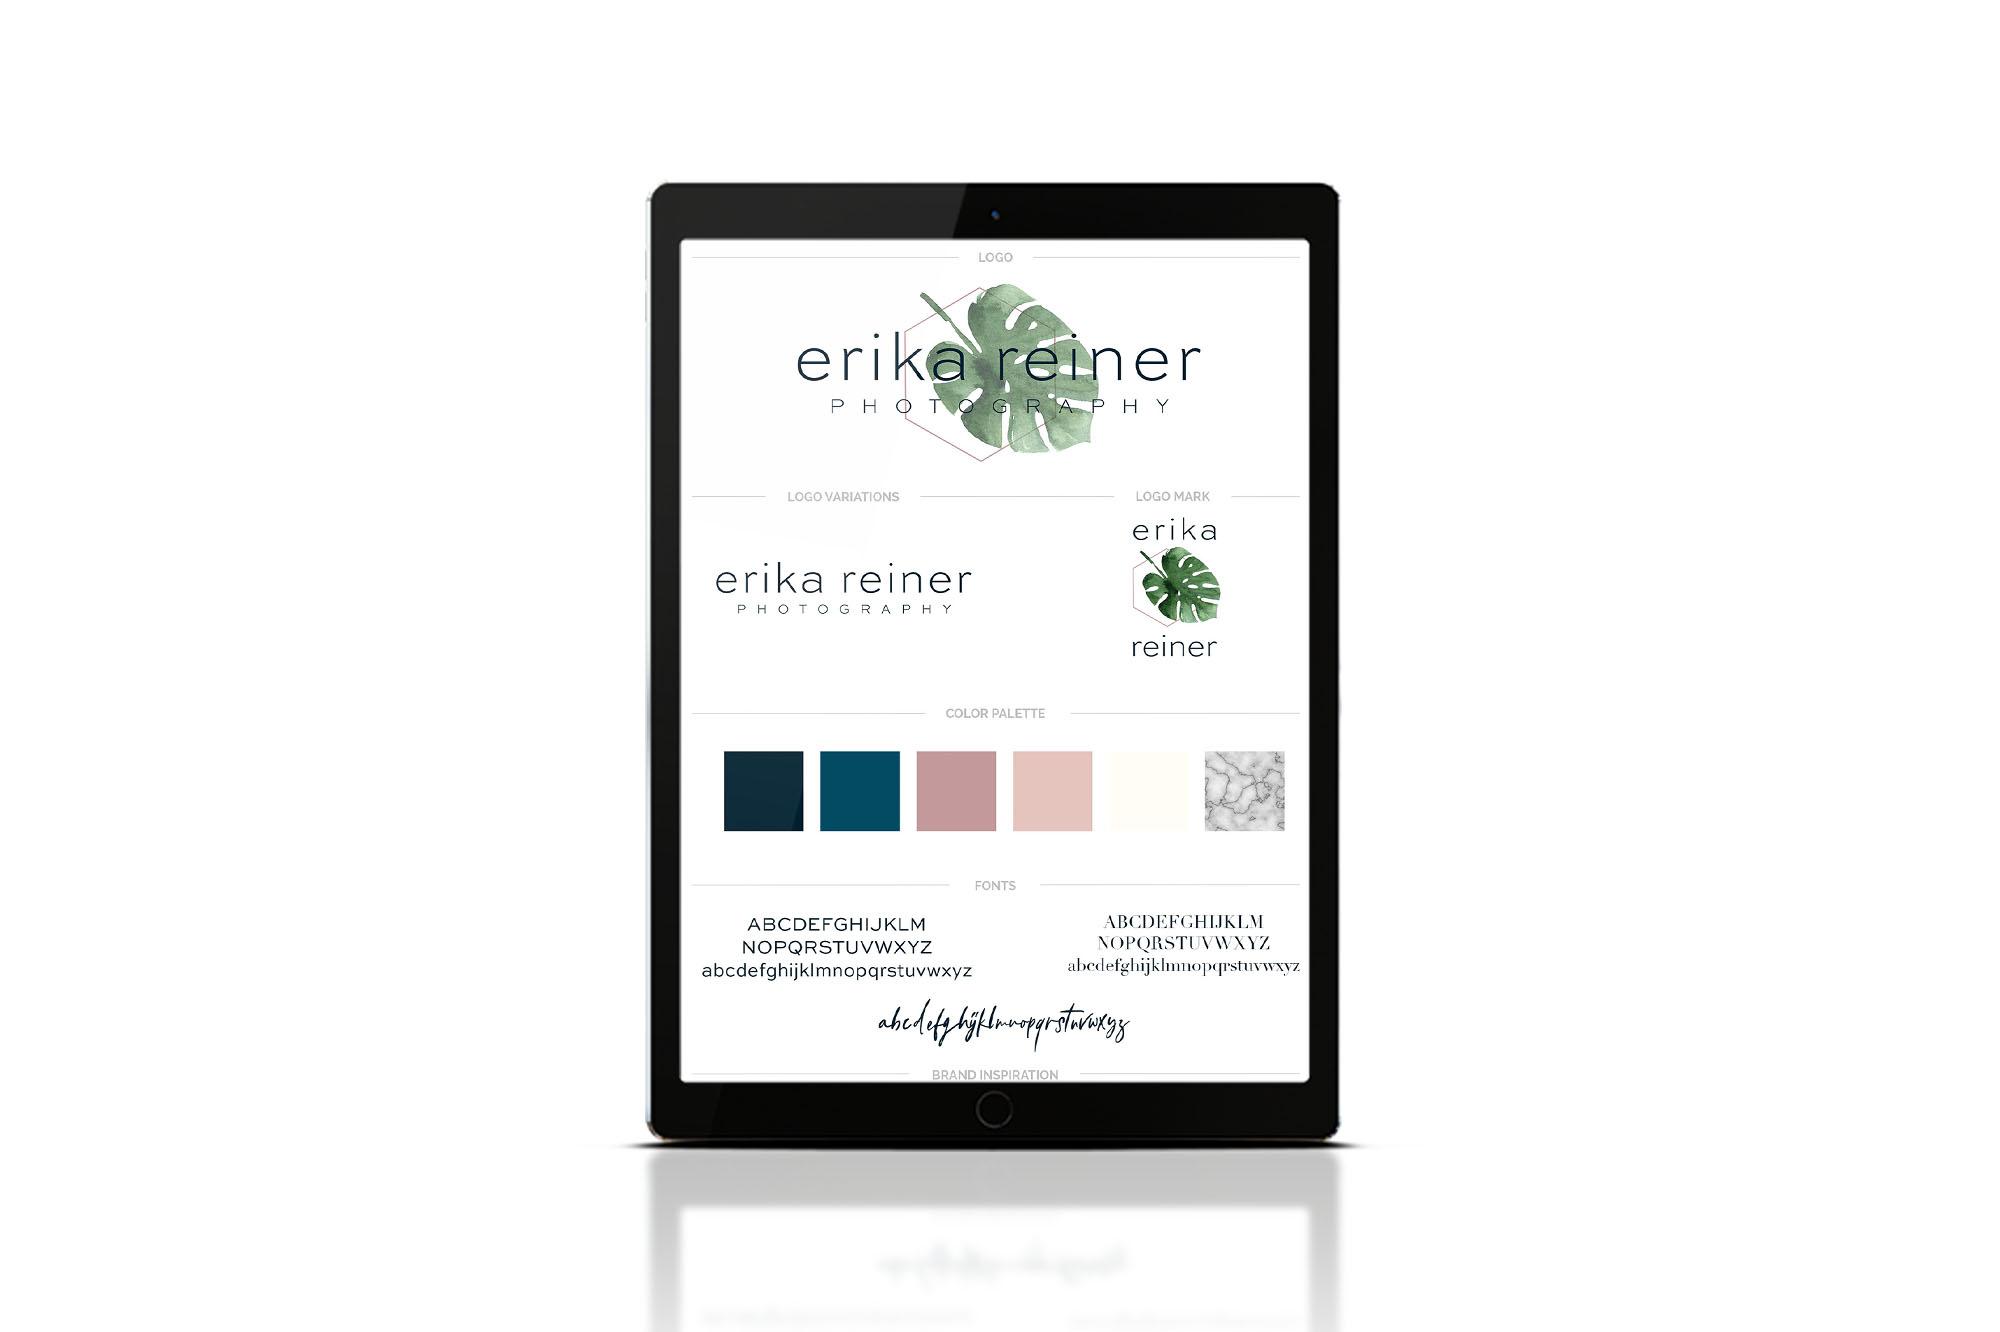 Erika-Reiner-Branding-Board.jpg